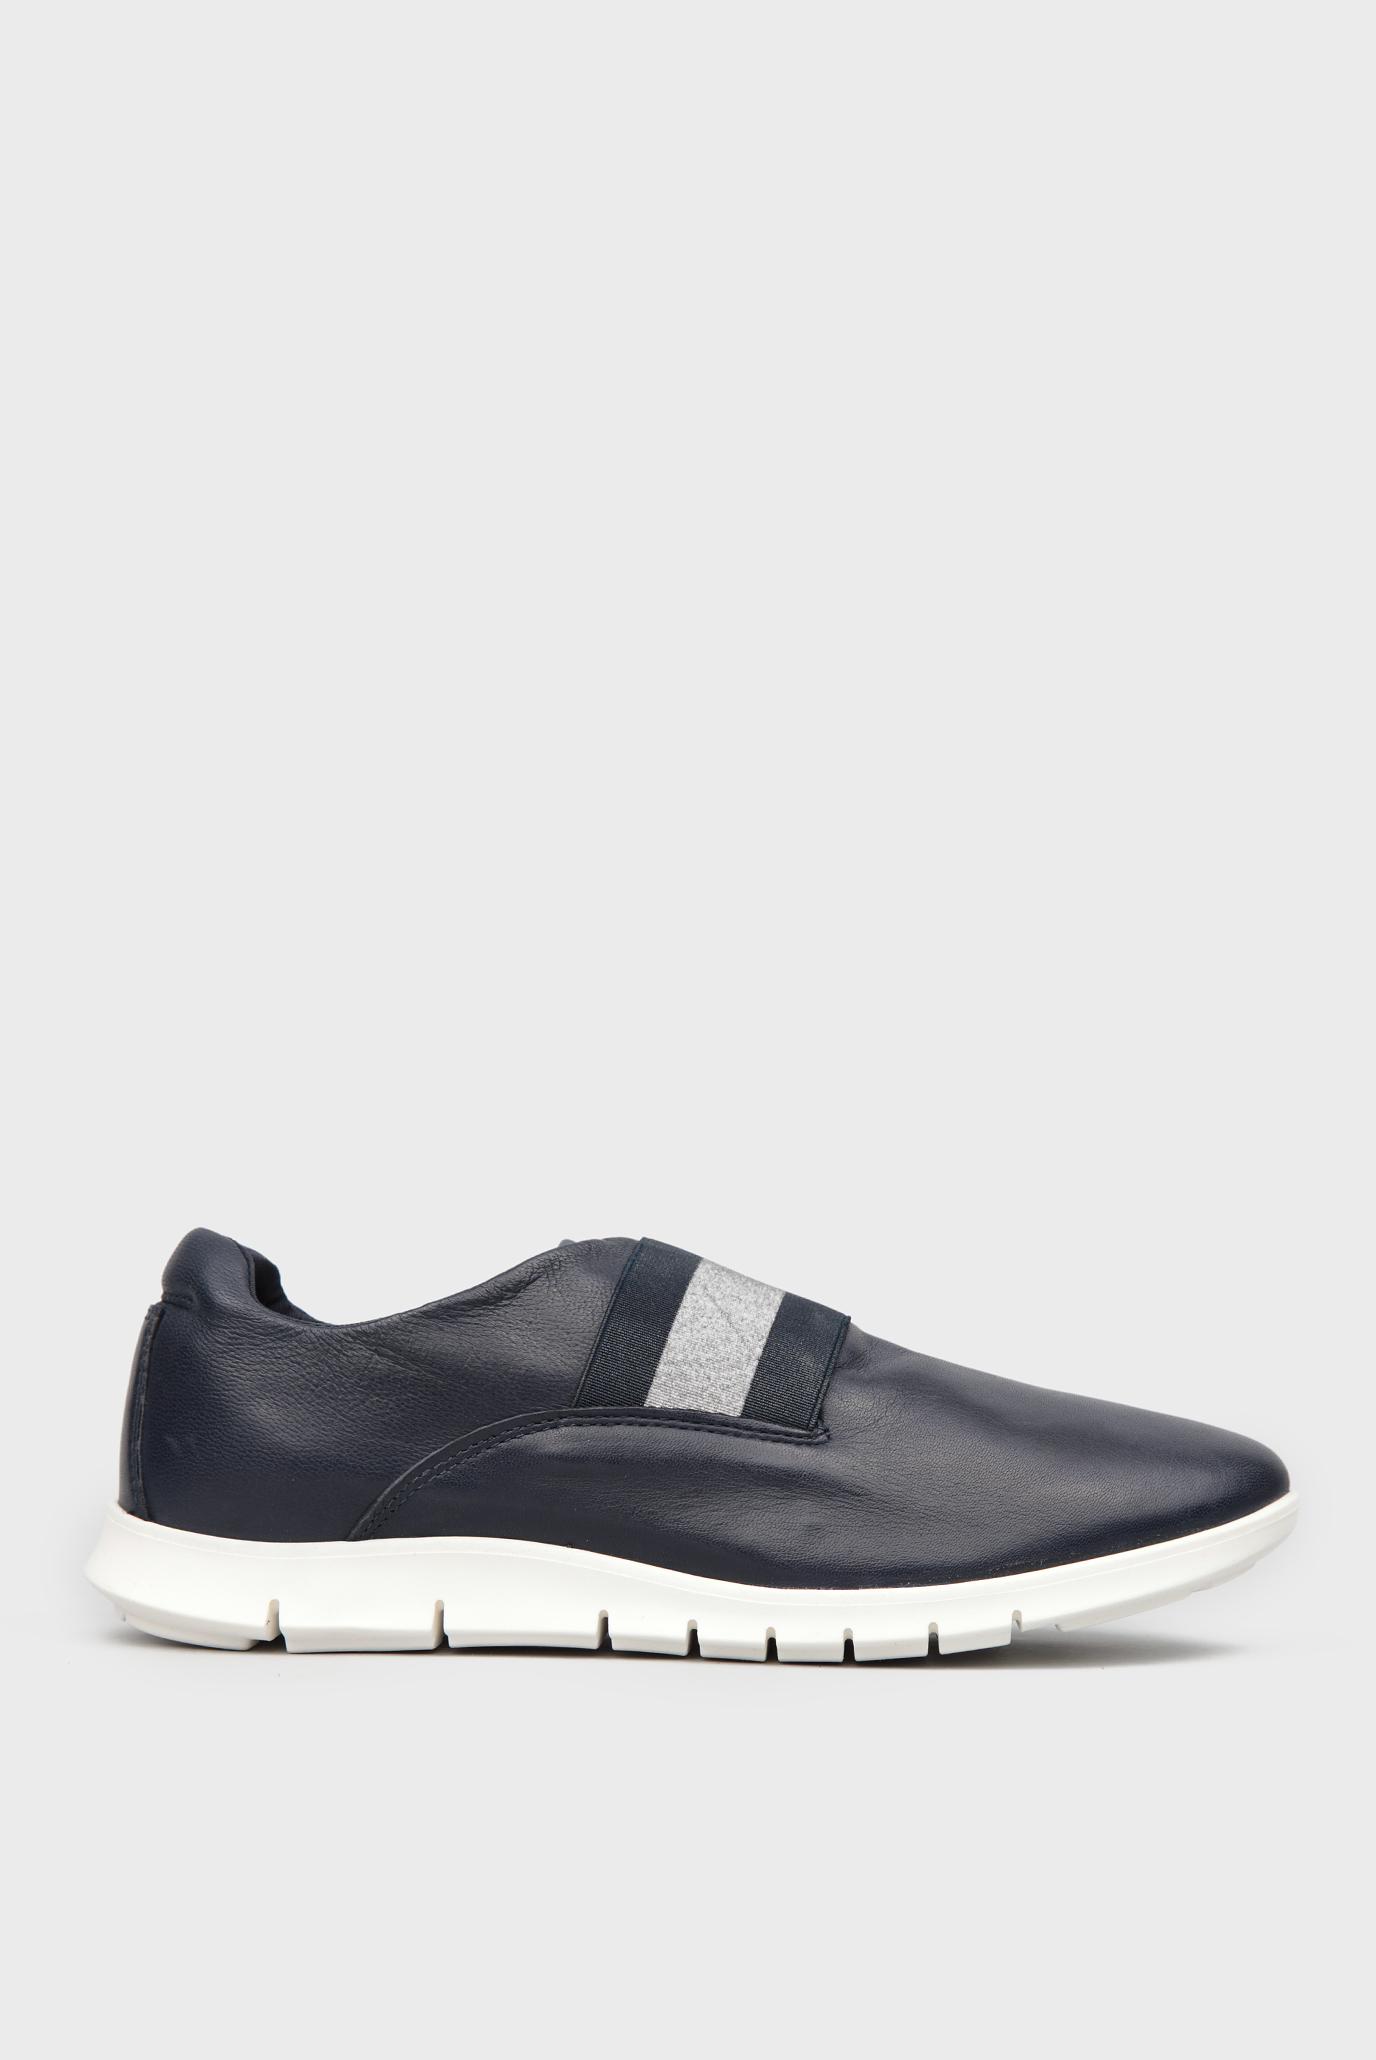 Купить Женские темно-синие кожаные кроссовки Tommy Hilfiger Tommy Hilfiger  FW0FW01407 – Киев 865dc93a9b7e0